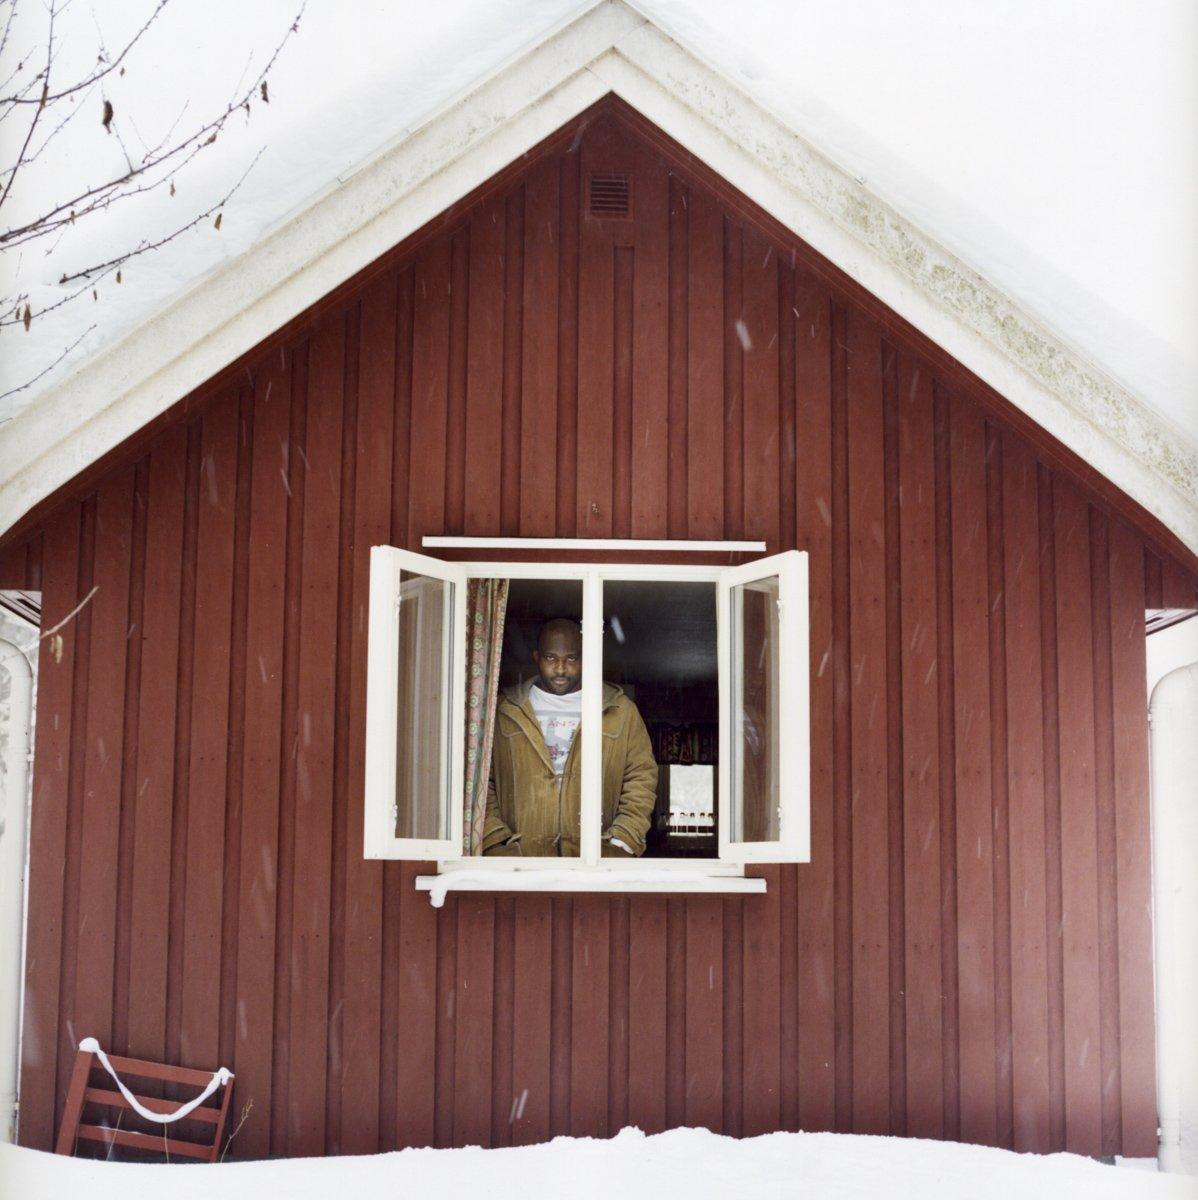 Prisão da Noruega para criminosos violentos parece mais uma colônia de fêrias 03